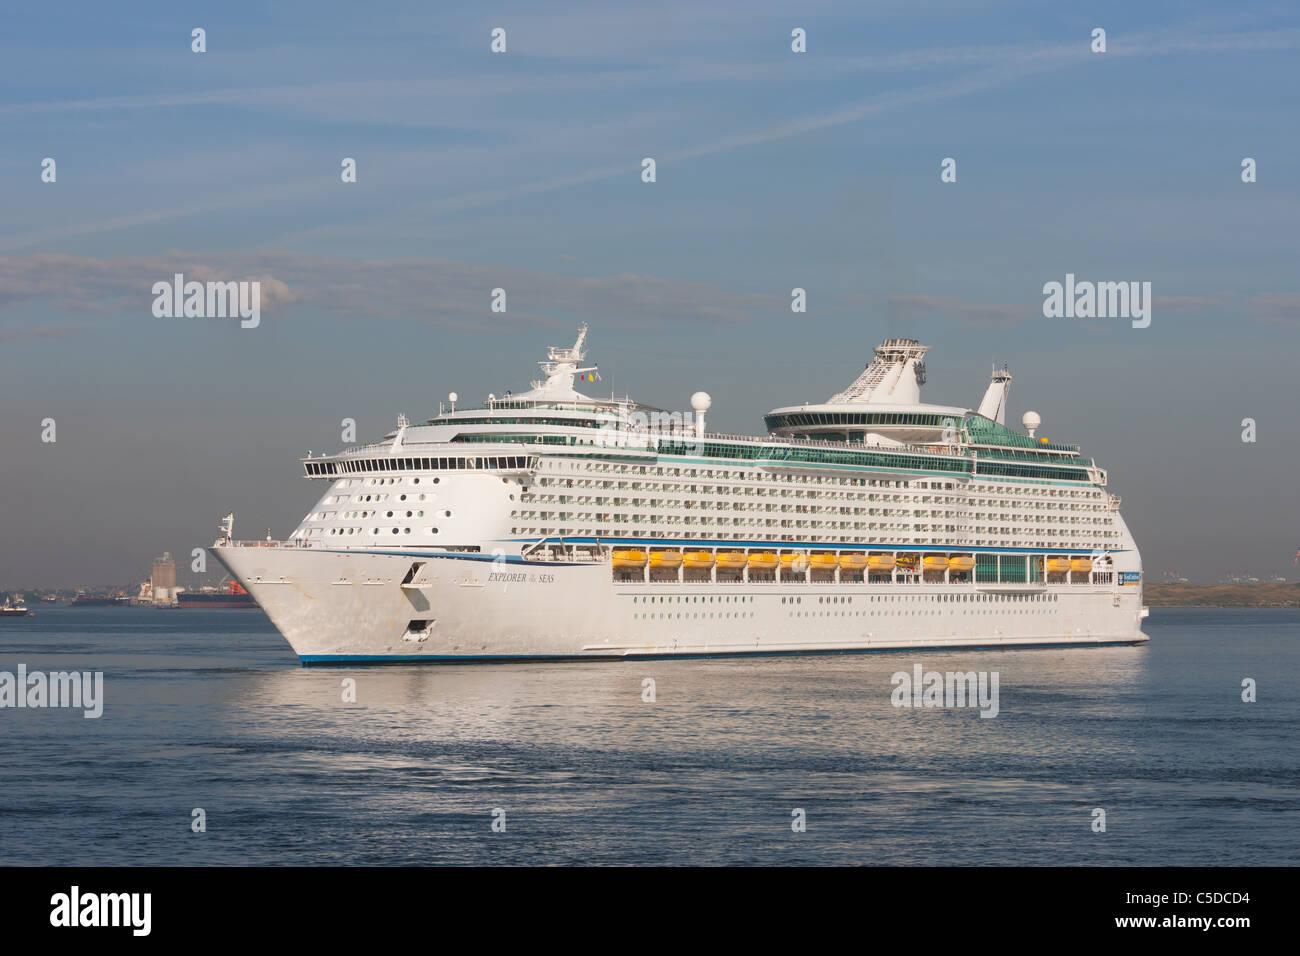 Royal Caribbean crucero Explorer of the Seas en el puerto de Nueva York. Imagen De Stock